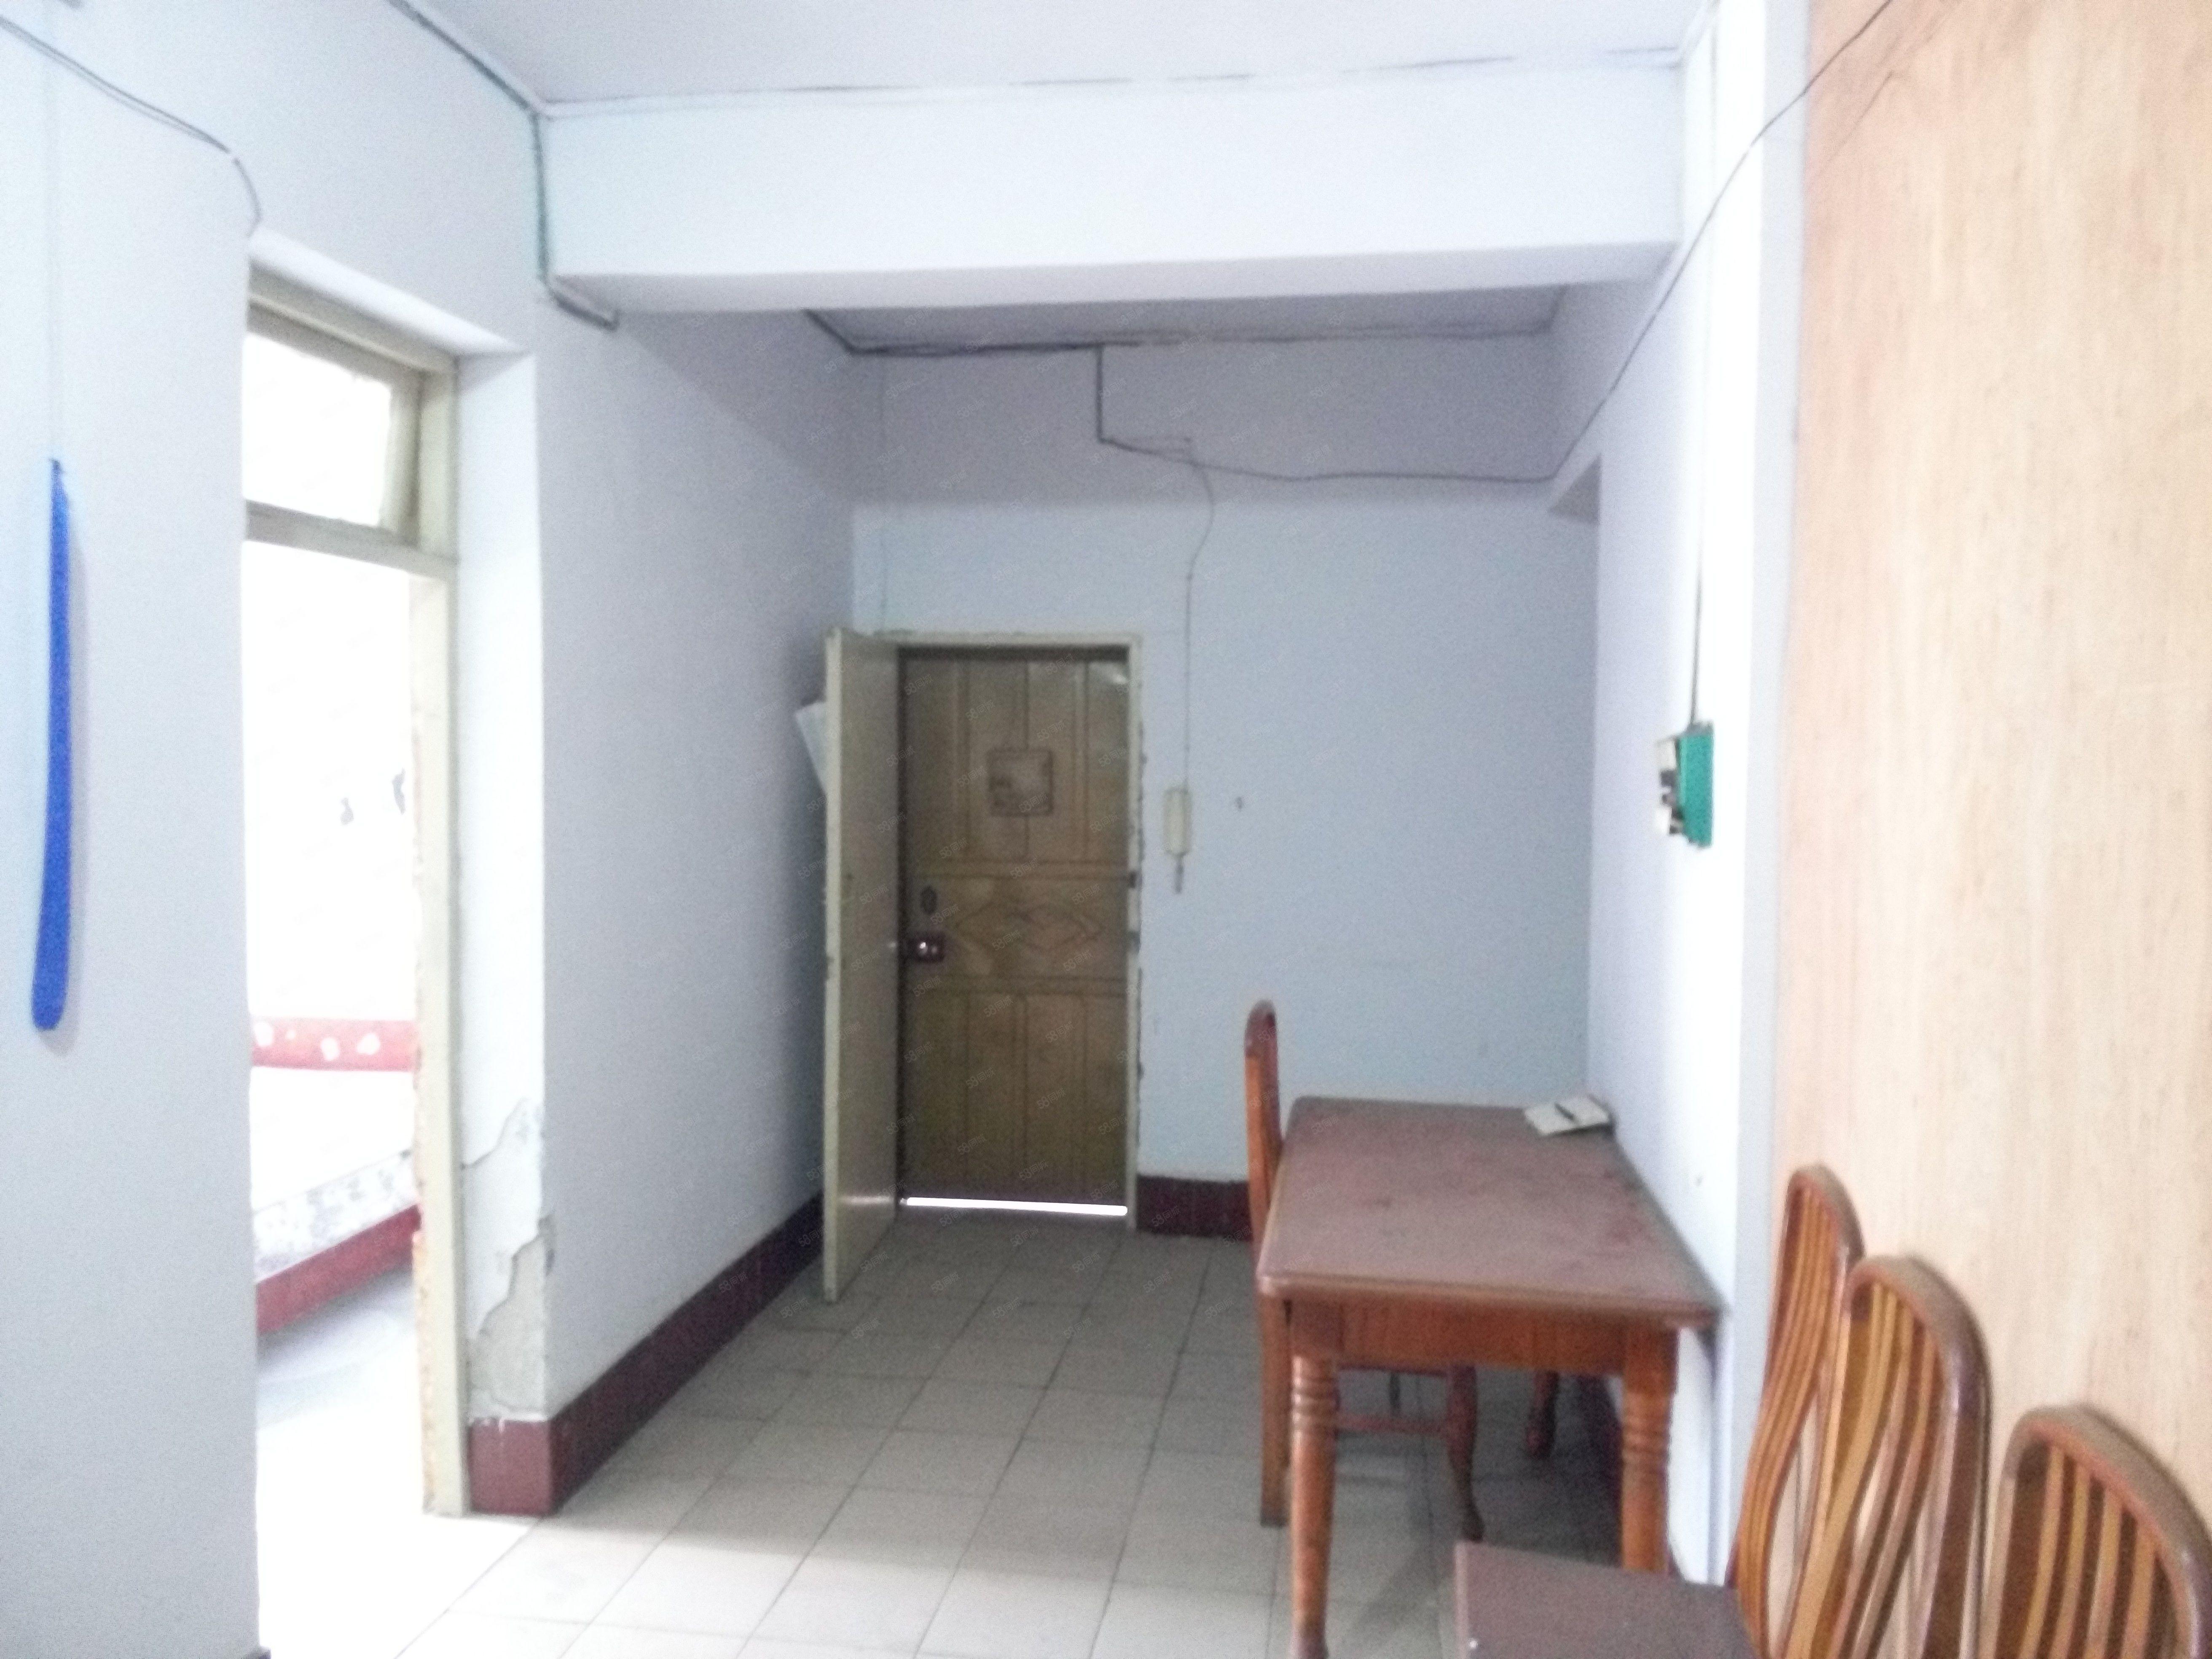 船山区和平西路公安局宿舍4室出租与人民警察为伴安全有保障